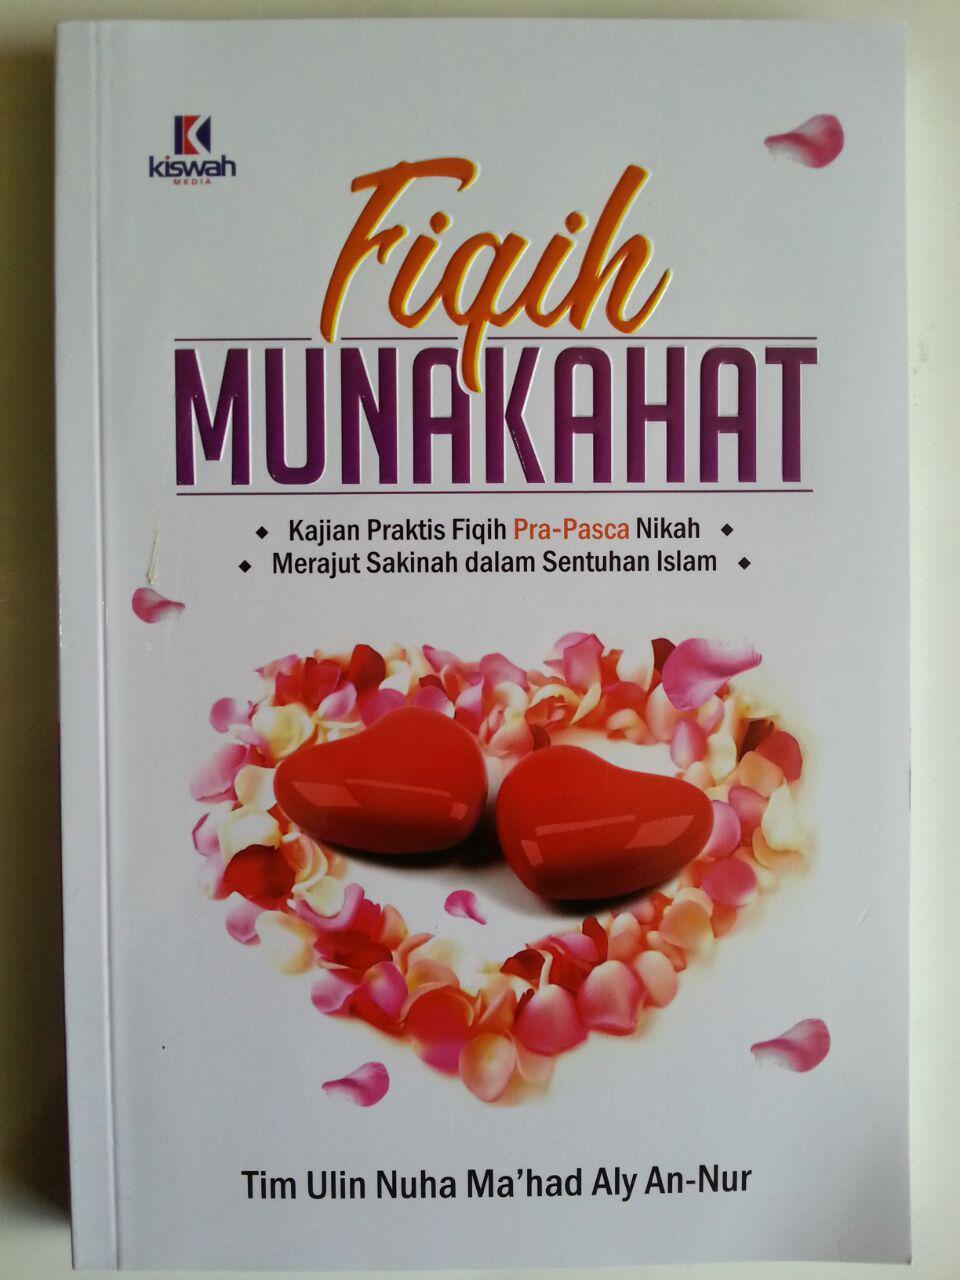 Buku Fiqih Munakahat Kajian Praktis Fiqih Pra Pasca Nikah cover 2